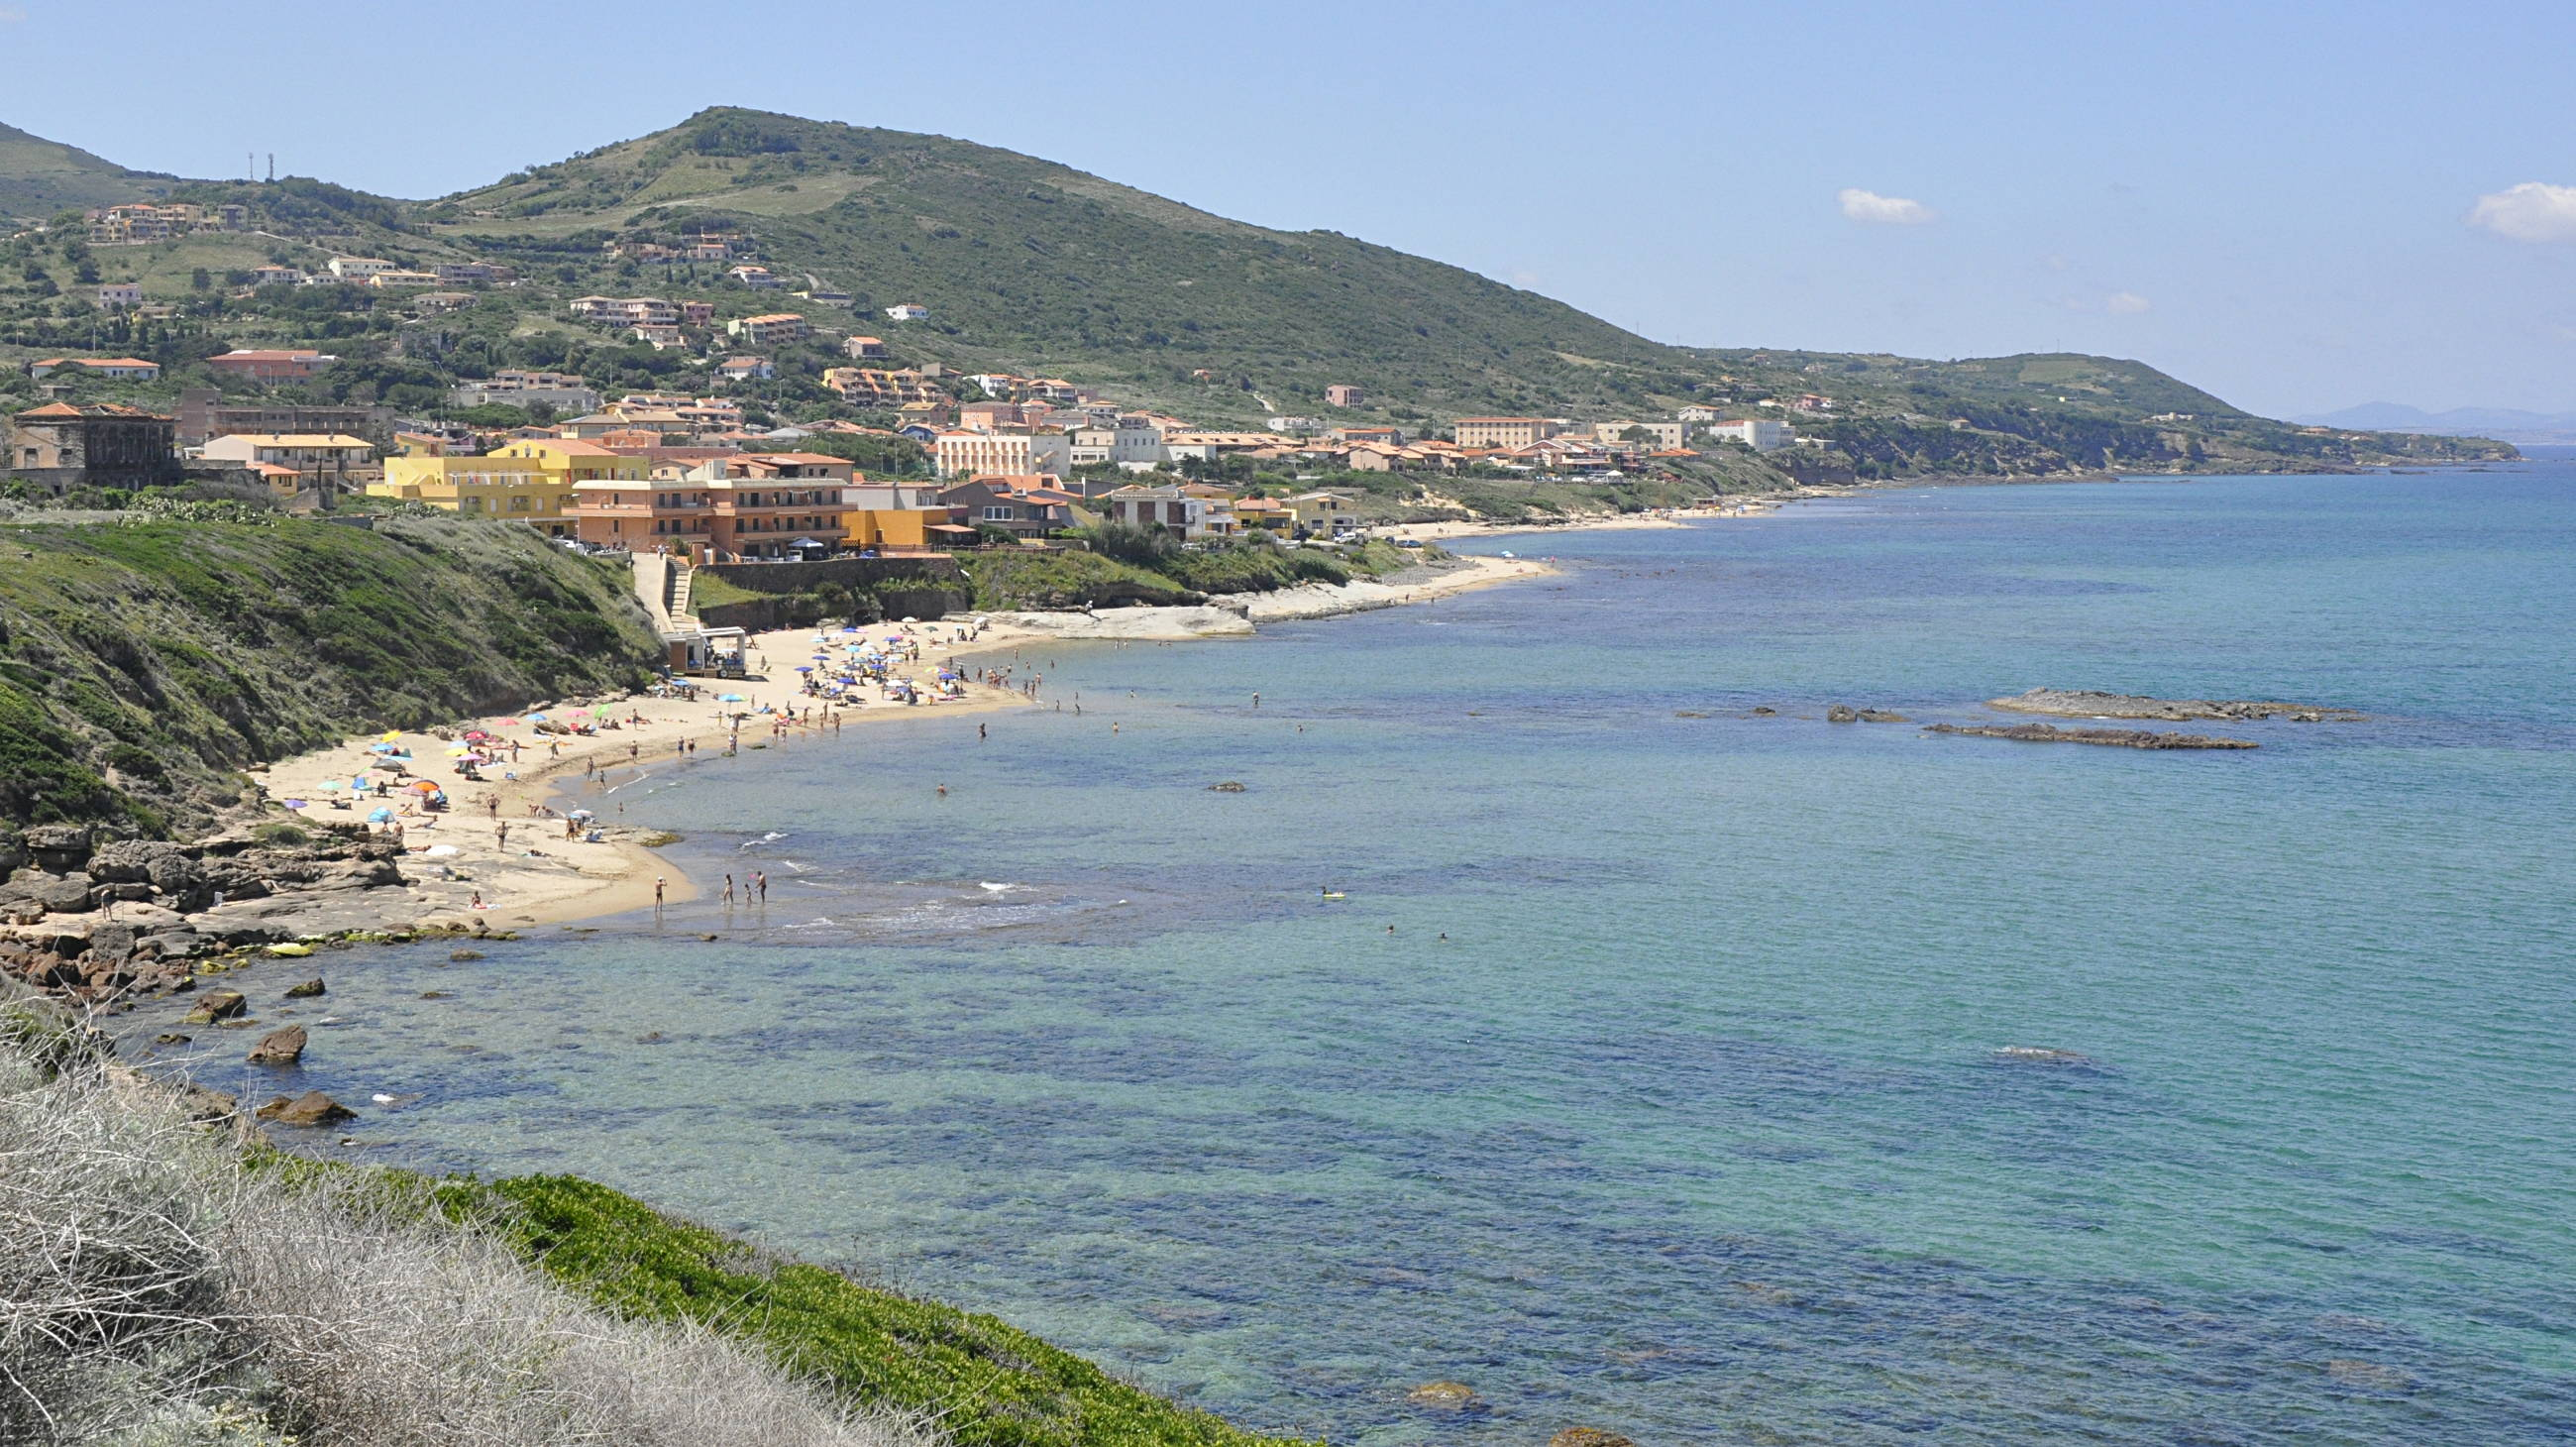 LuBagnu Vacanze - Maison vacances à Lu Bagnu, Castelsardo, Sardaigne